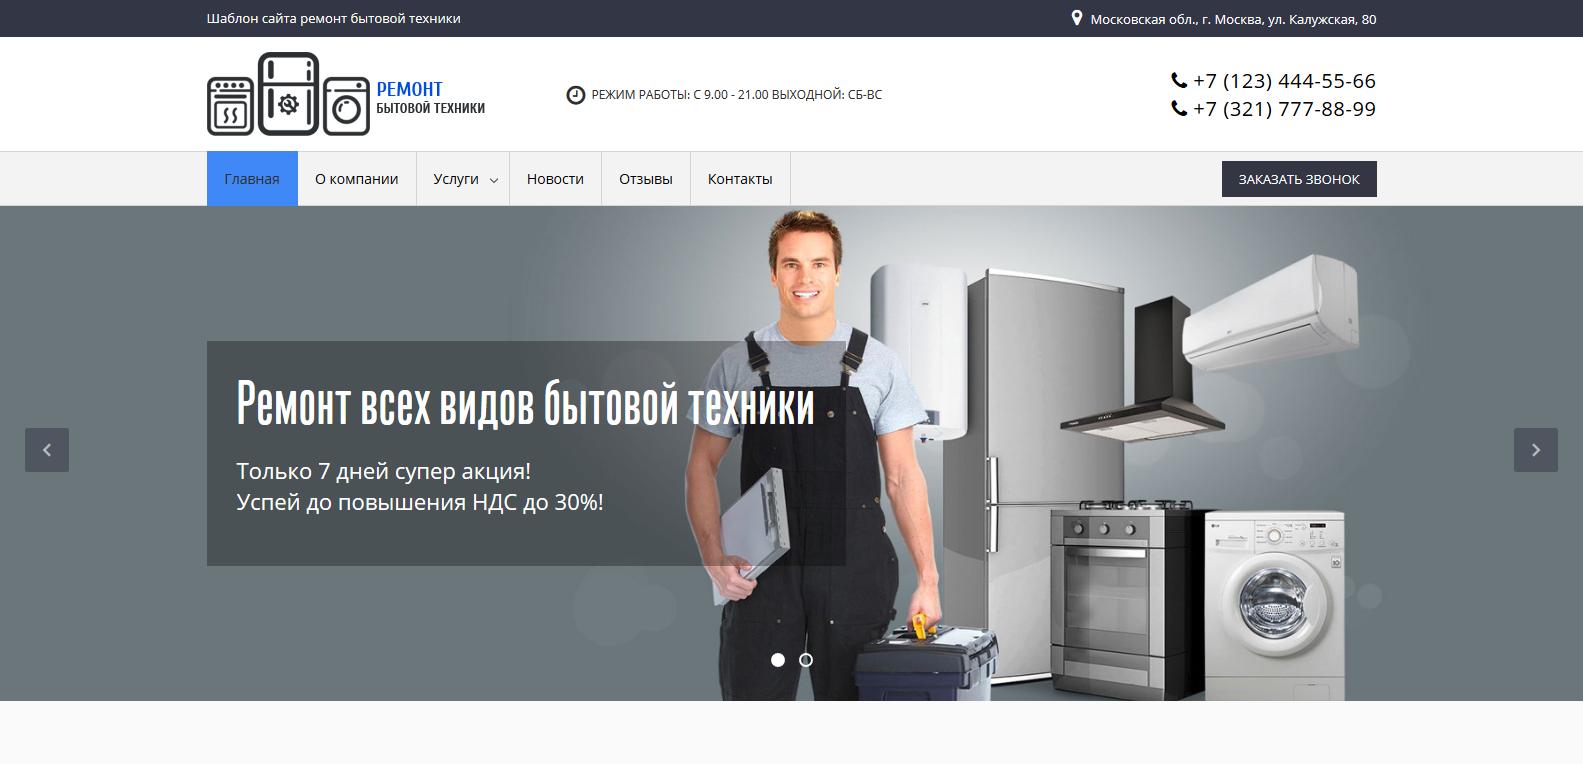 Создание сайта ремонт бытовой техники страховая компания нсг росэнерго официальный сайт